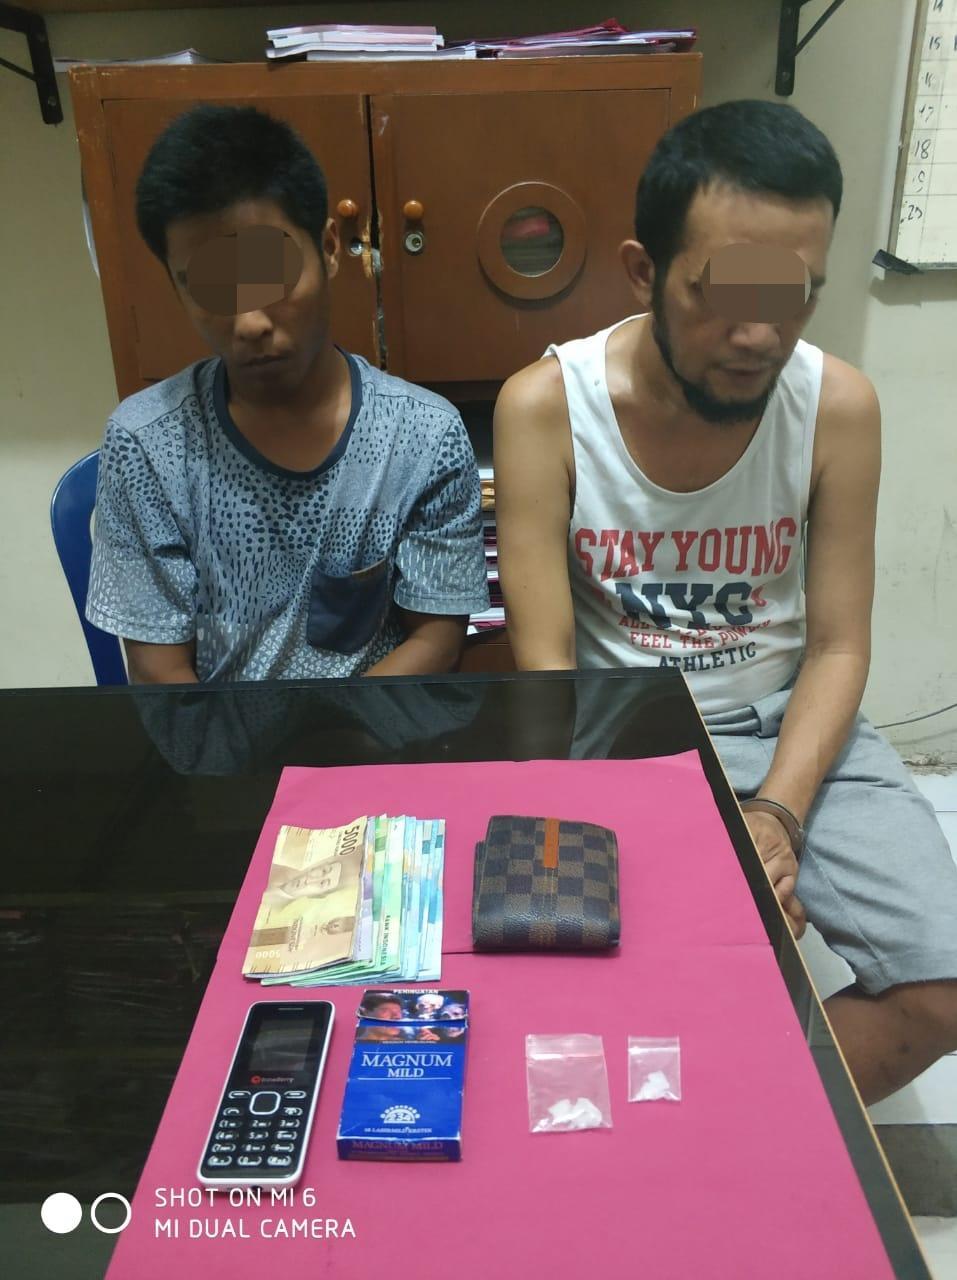 Polres Kampar Tangkap 2 pelaku Narkoba di Wisma Pantian Ragi